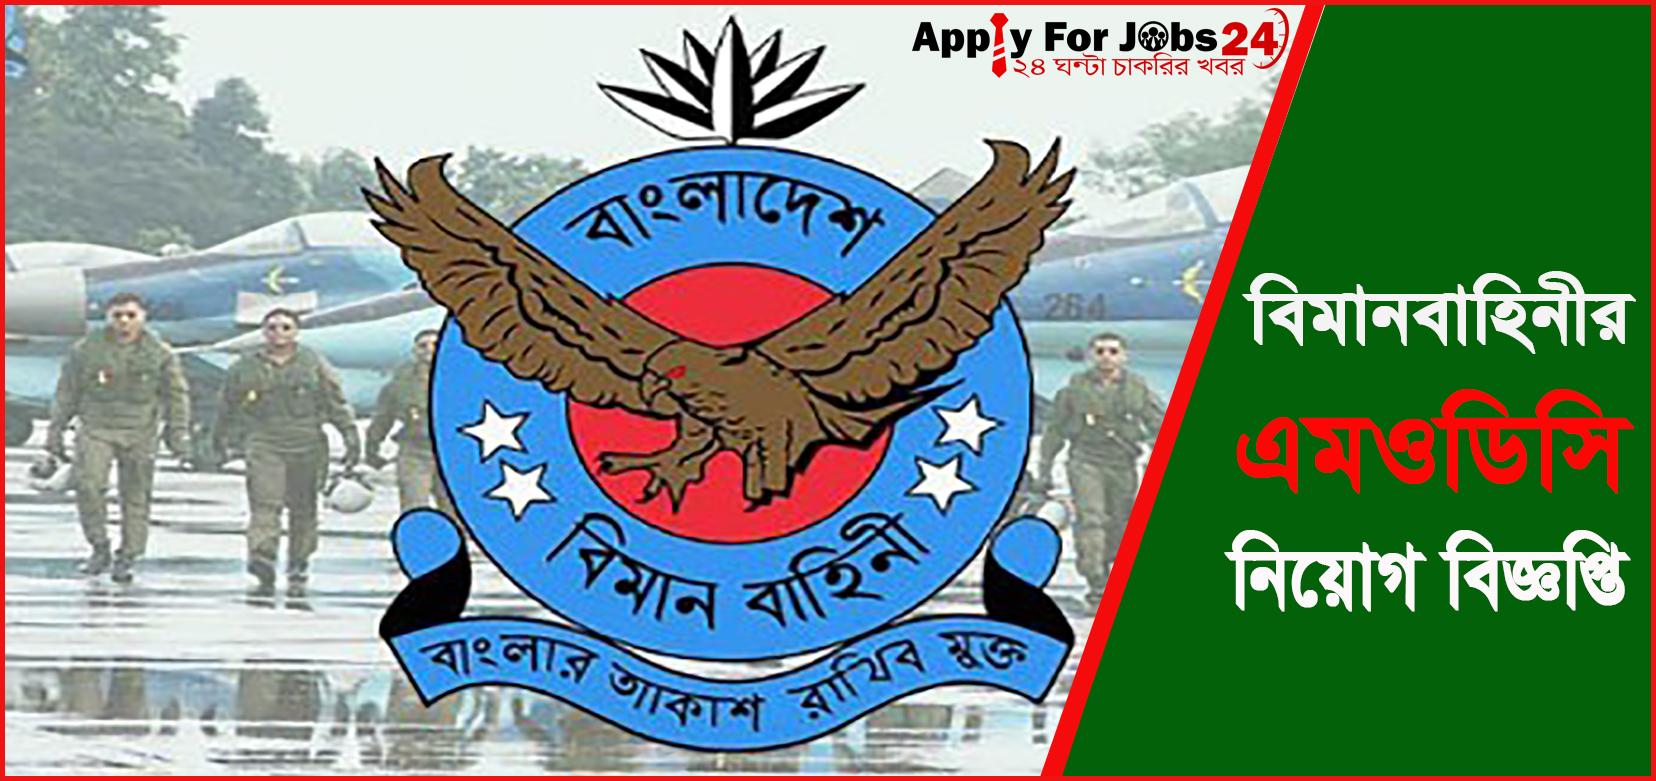 বাংলাদেশ বিমানবাহিনীতে এমওডিসি নিয়োগ বিজ্ঞপ্তি